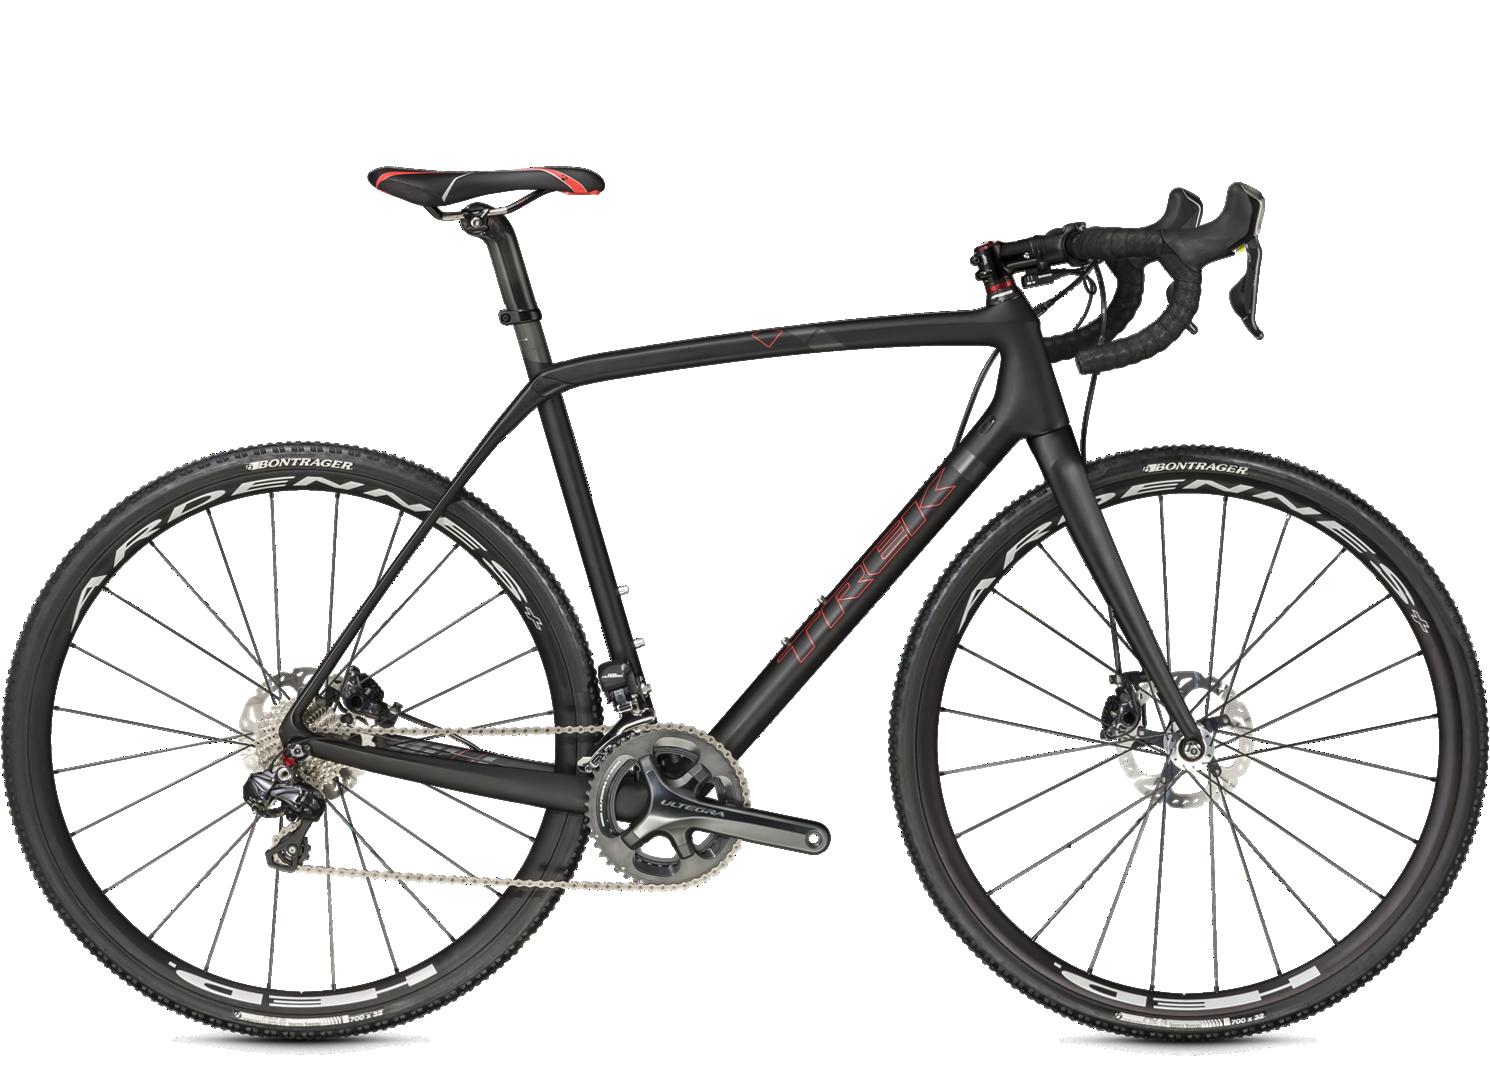 2015 Boone 9 Disc - Bike Archive - Trek Bicycle